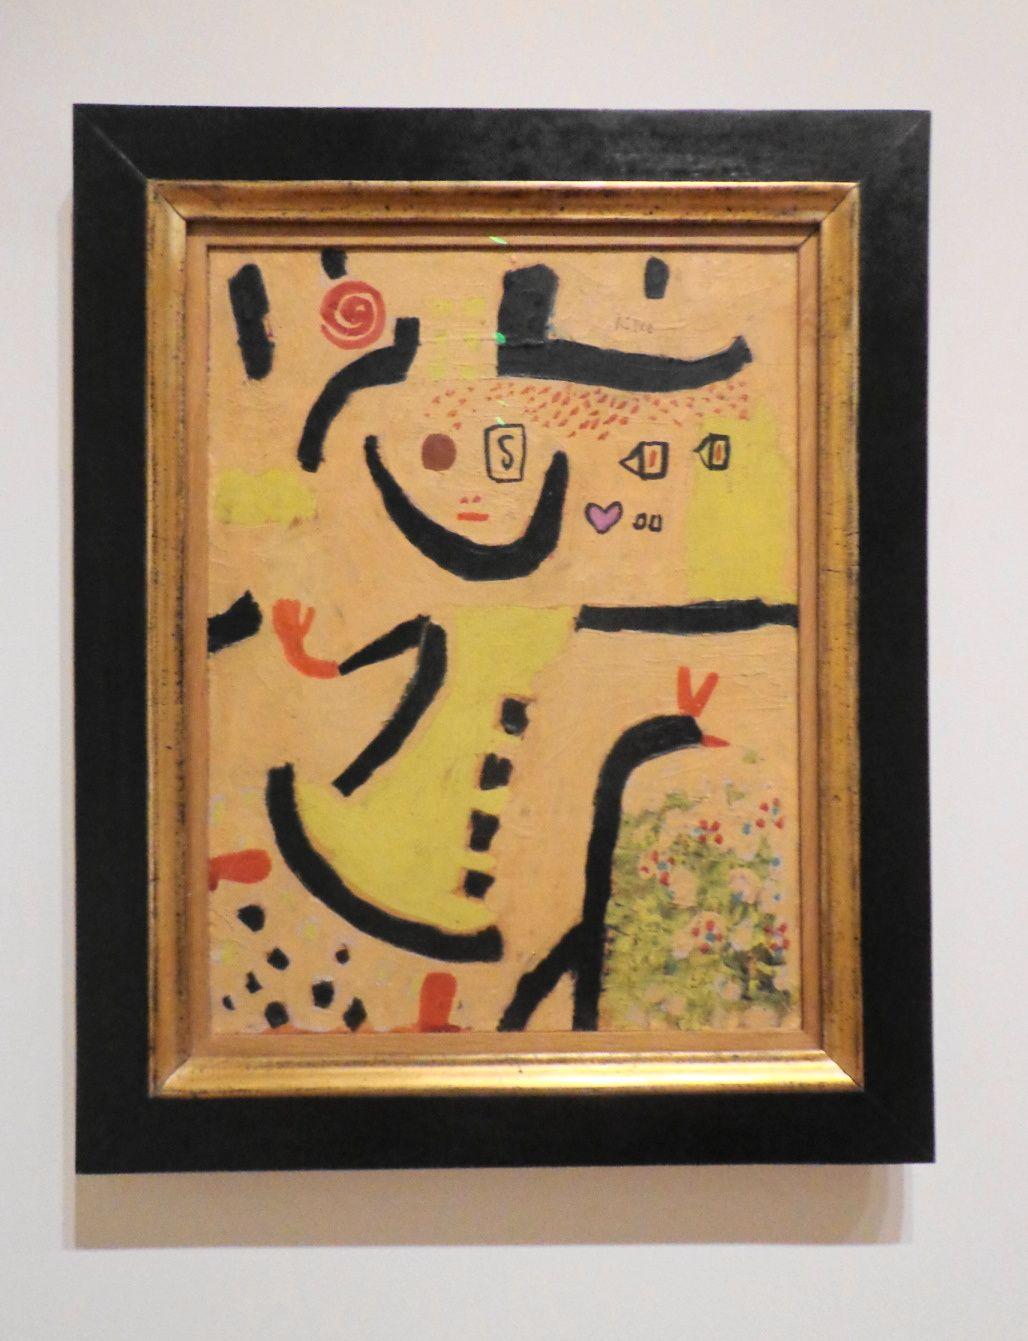 Jeu d'enfant - Paul Klee, 1939